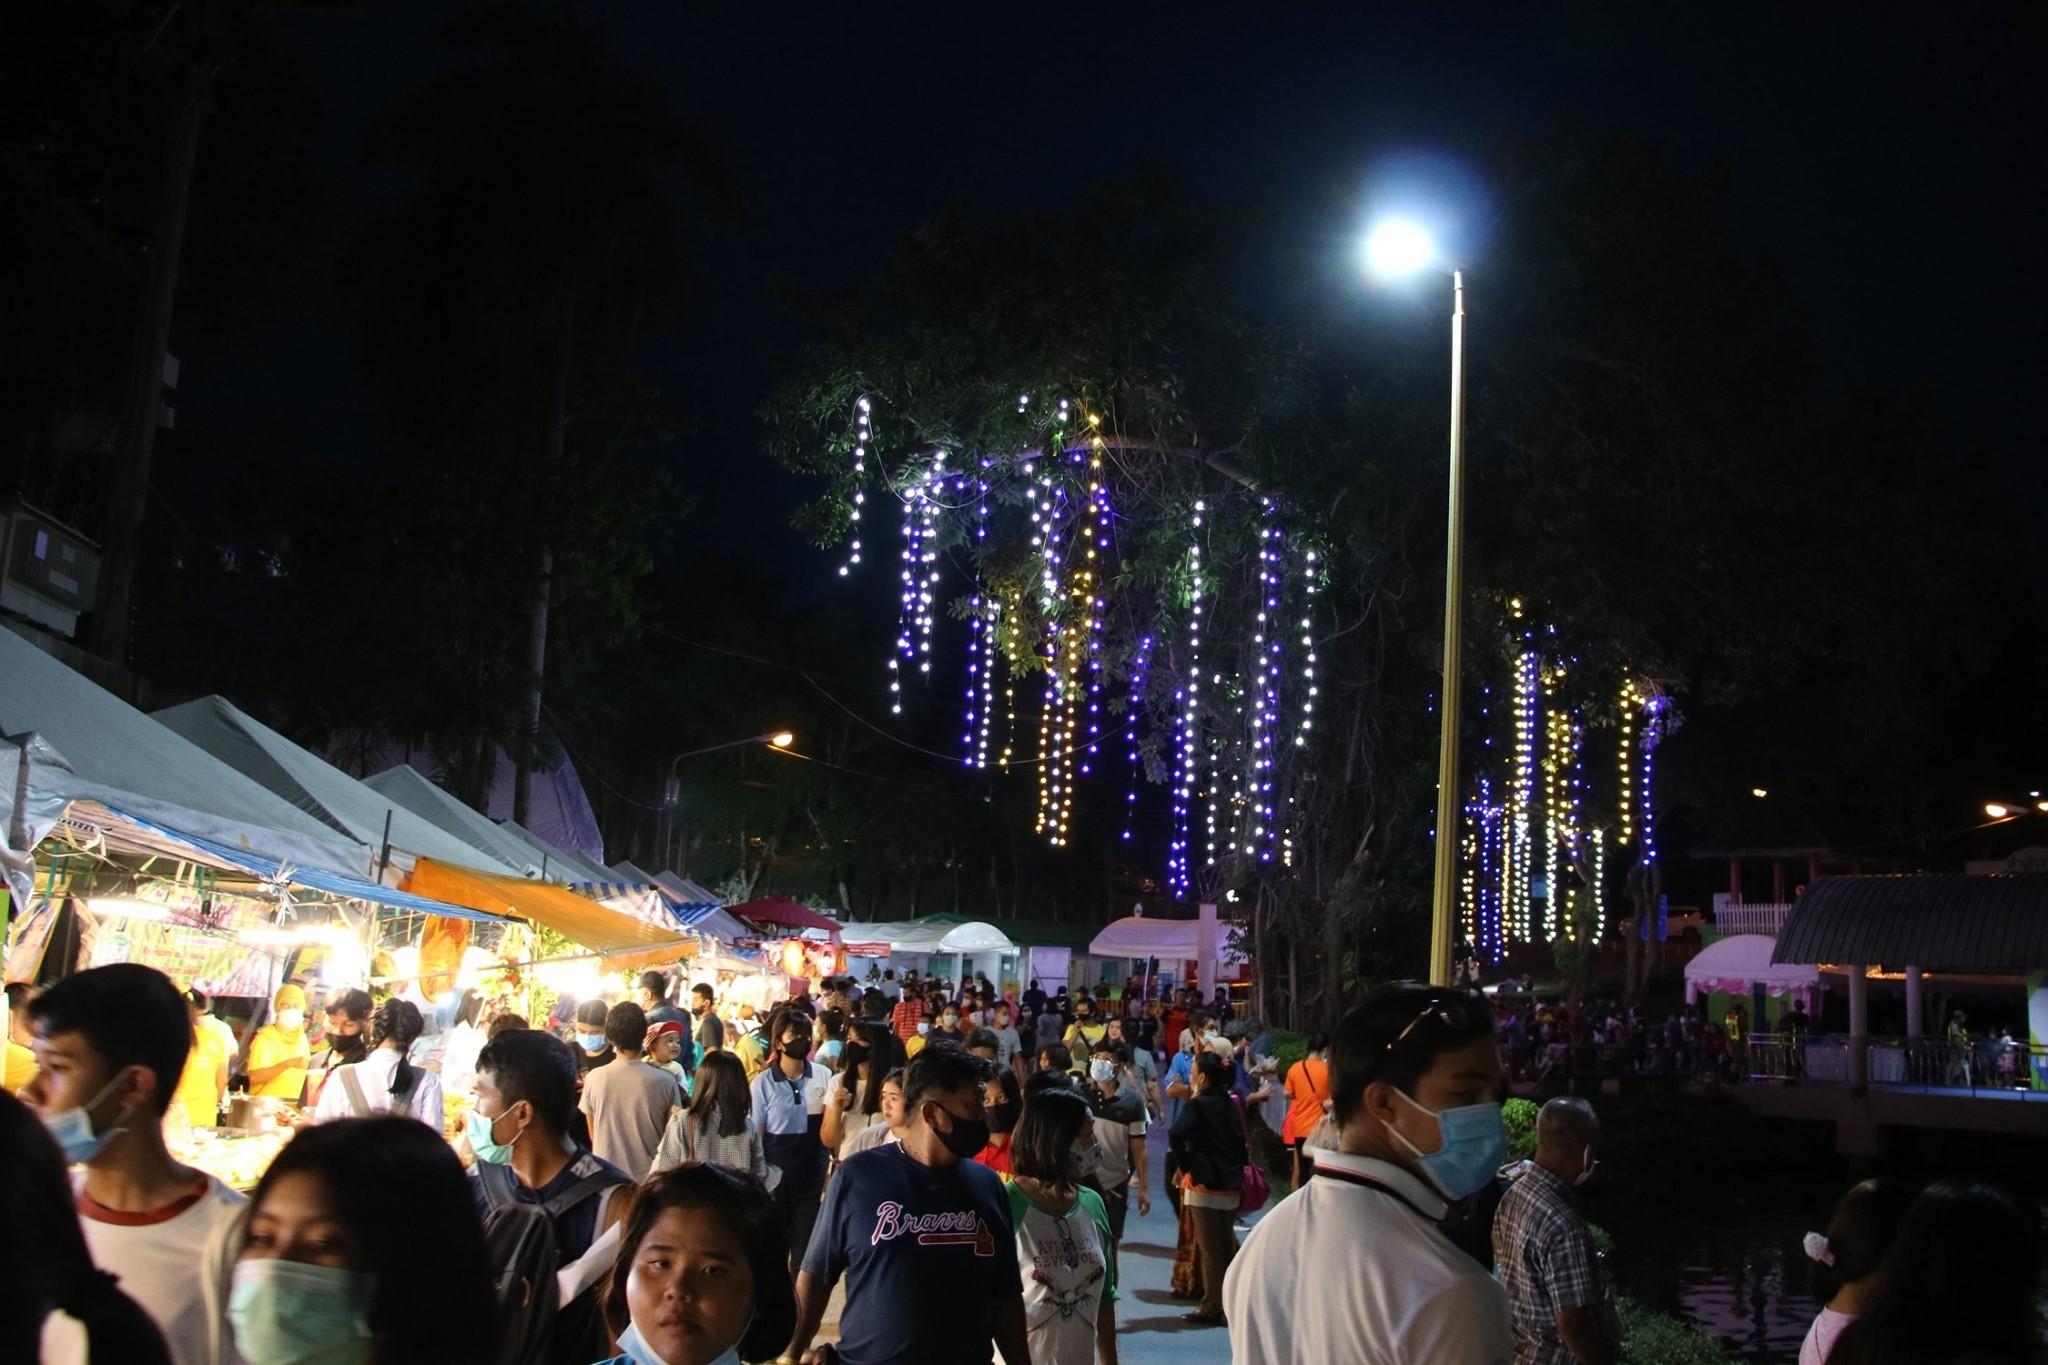 เมื่อวันที่ 3 สิงหาคม 2563 เทศบาลนครหาดใหญ่ จัดการแข่งขัน ปรุงอาหาร เมนูชูสุขภาพ รุ่นประชาชน